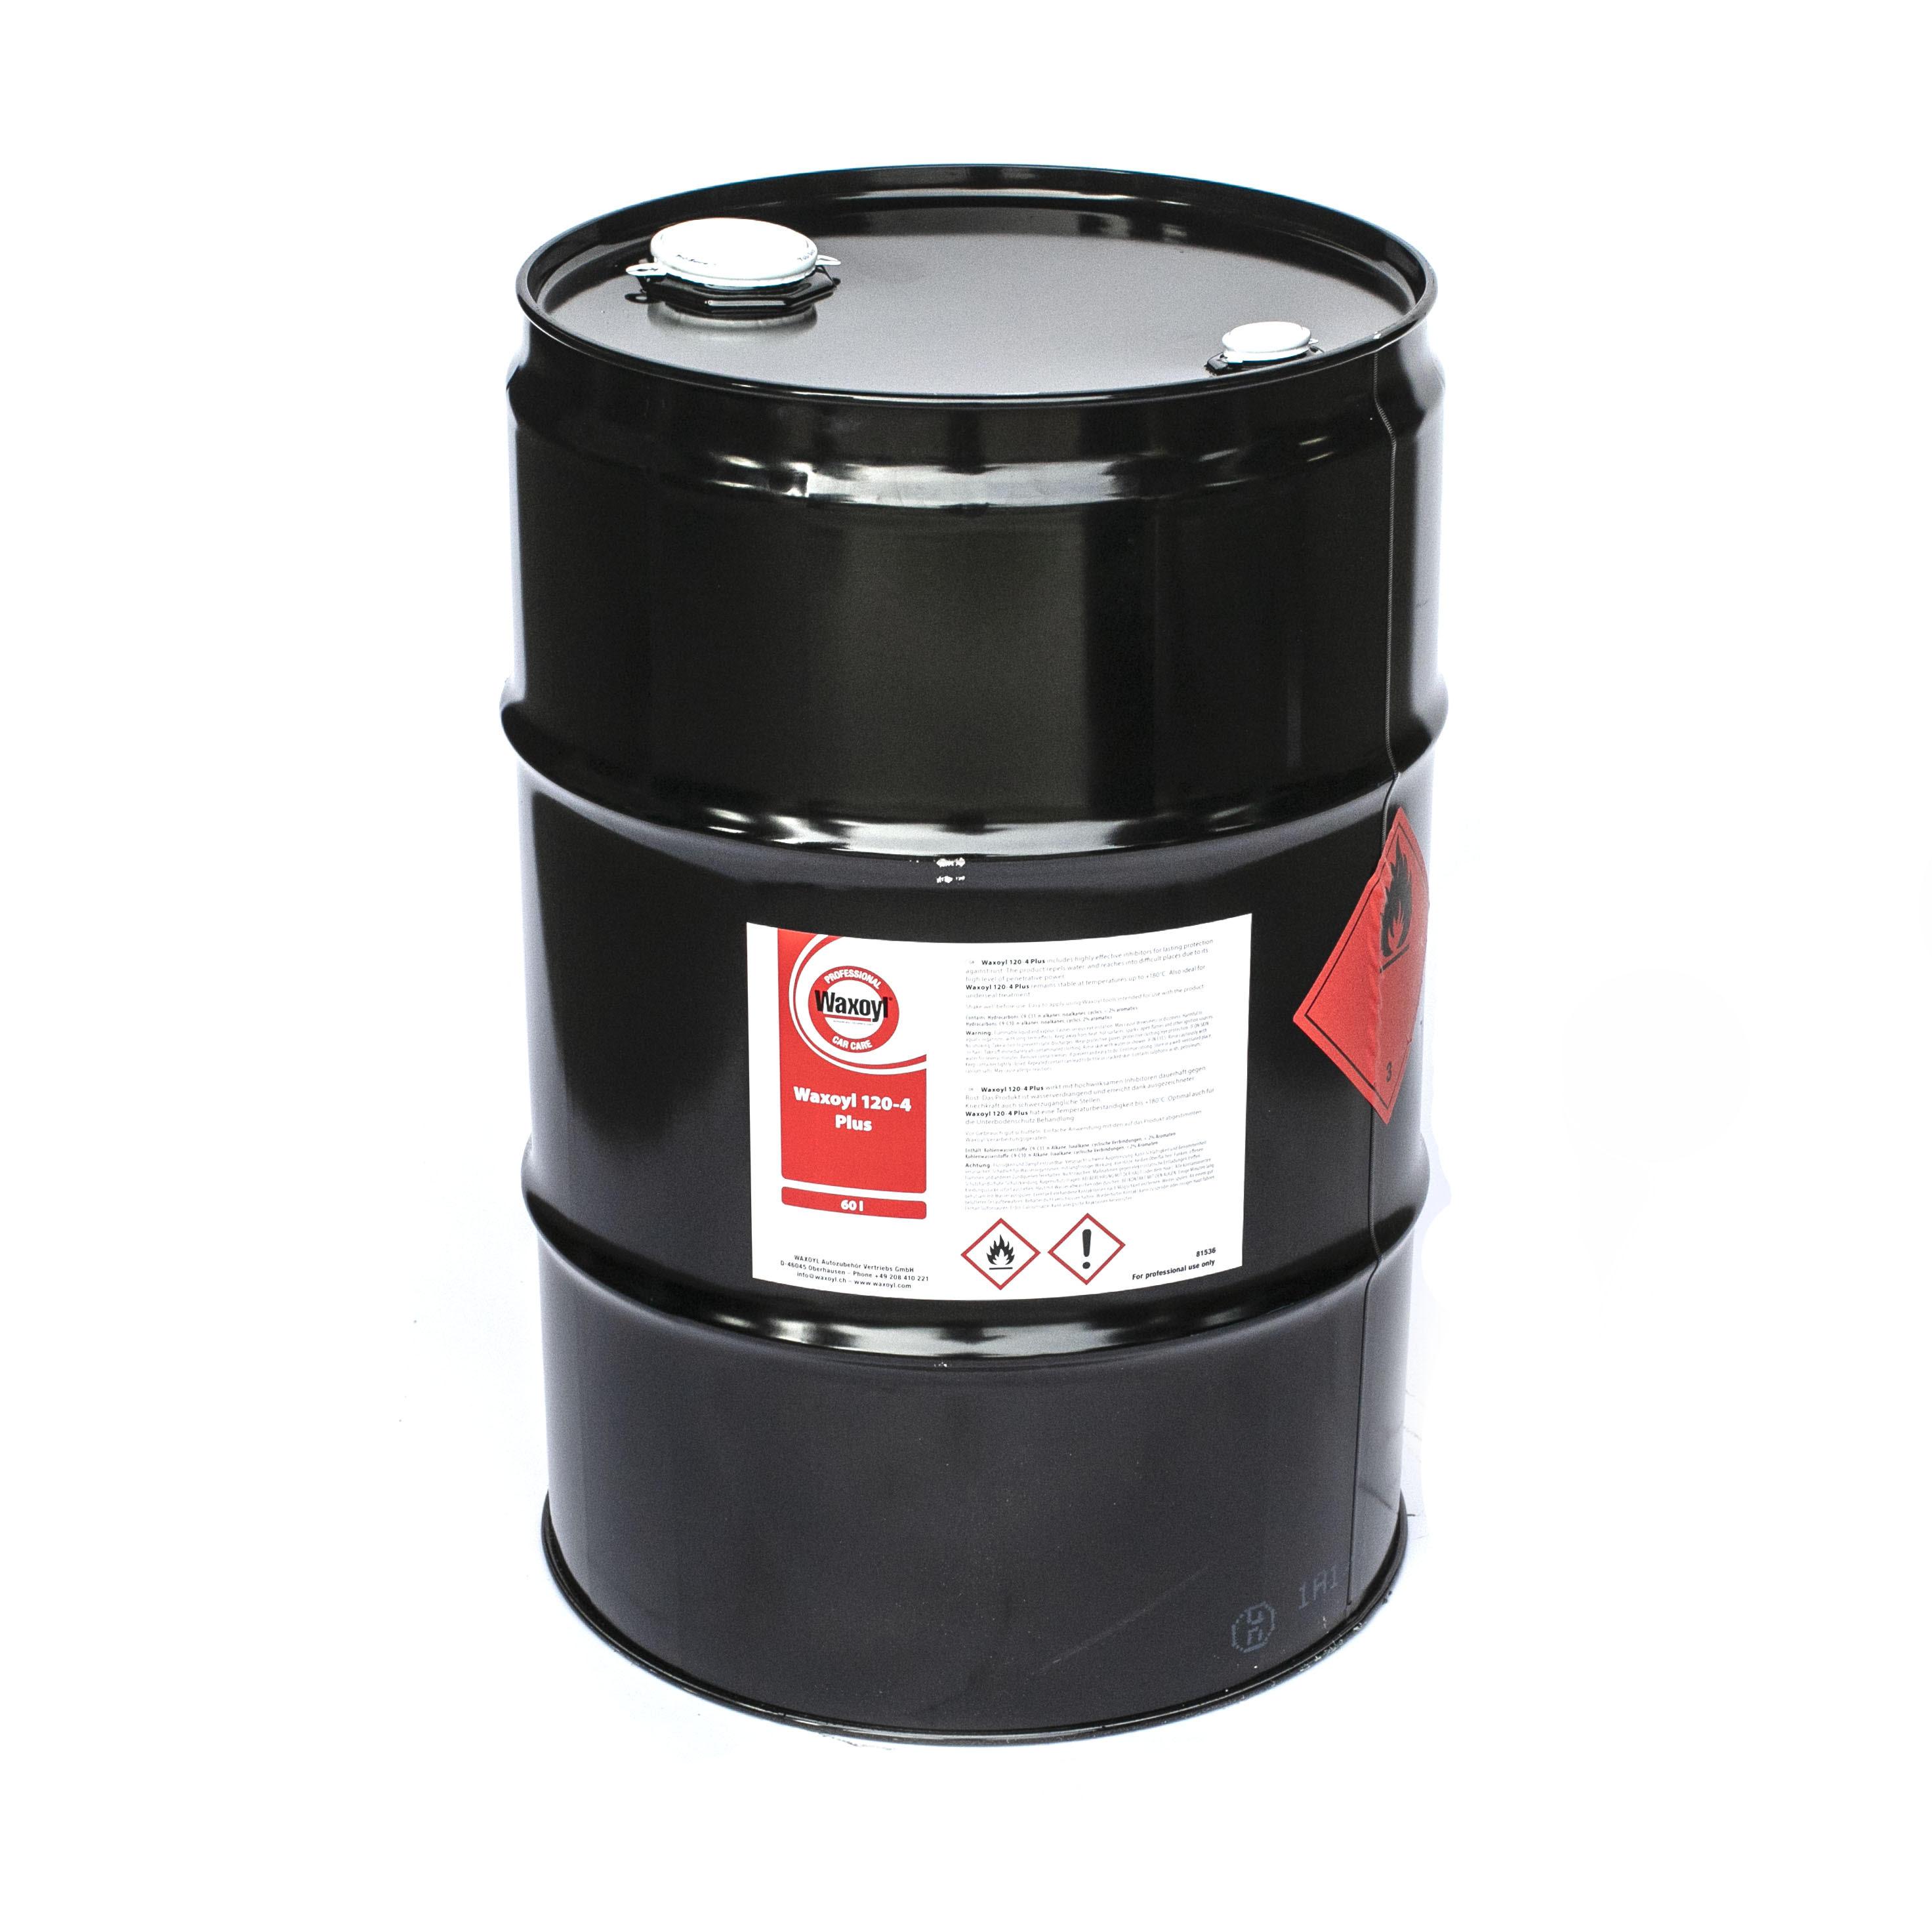 WAXOYL PRO 120-4 PLUS, 60L (15.8 GAL) KEG